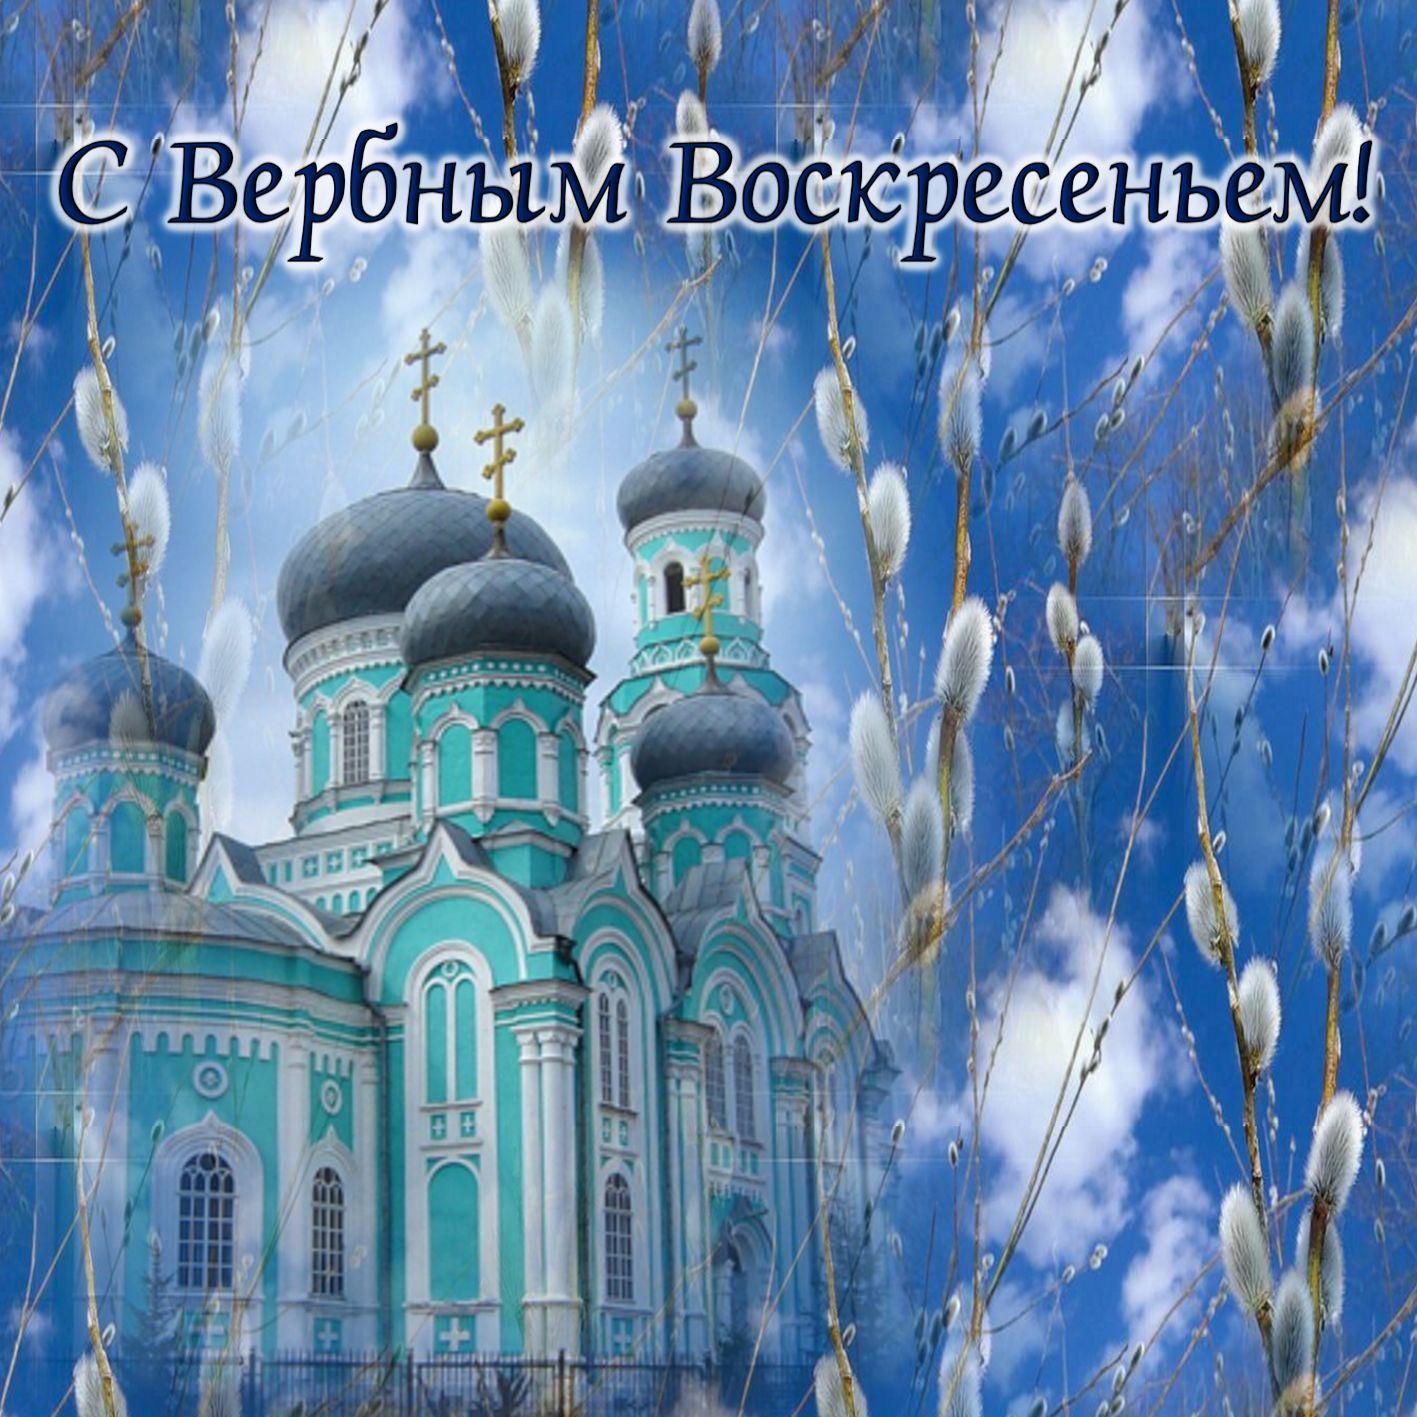 Вербное воскресенье открытки фото